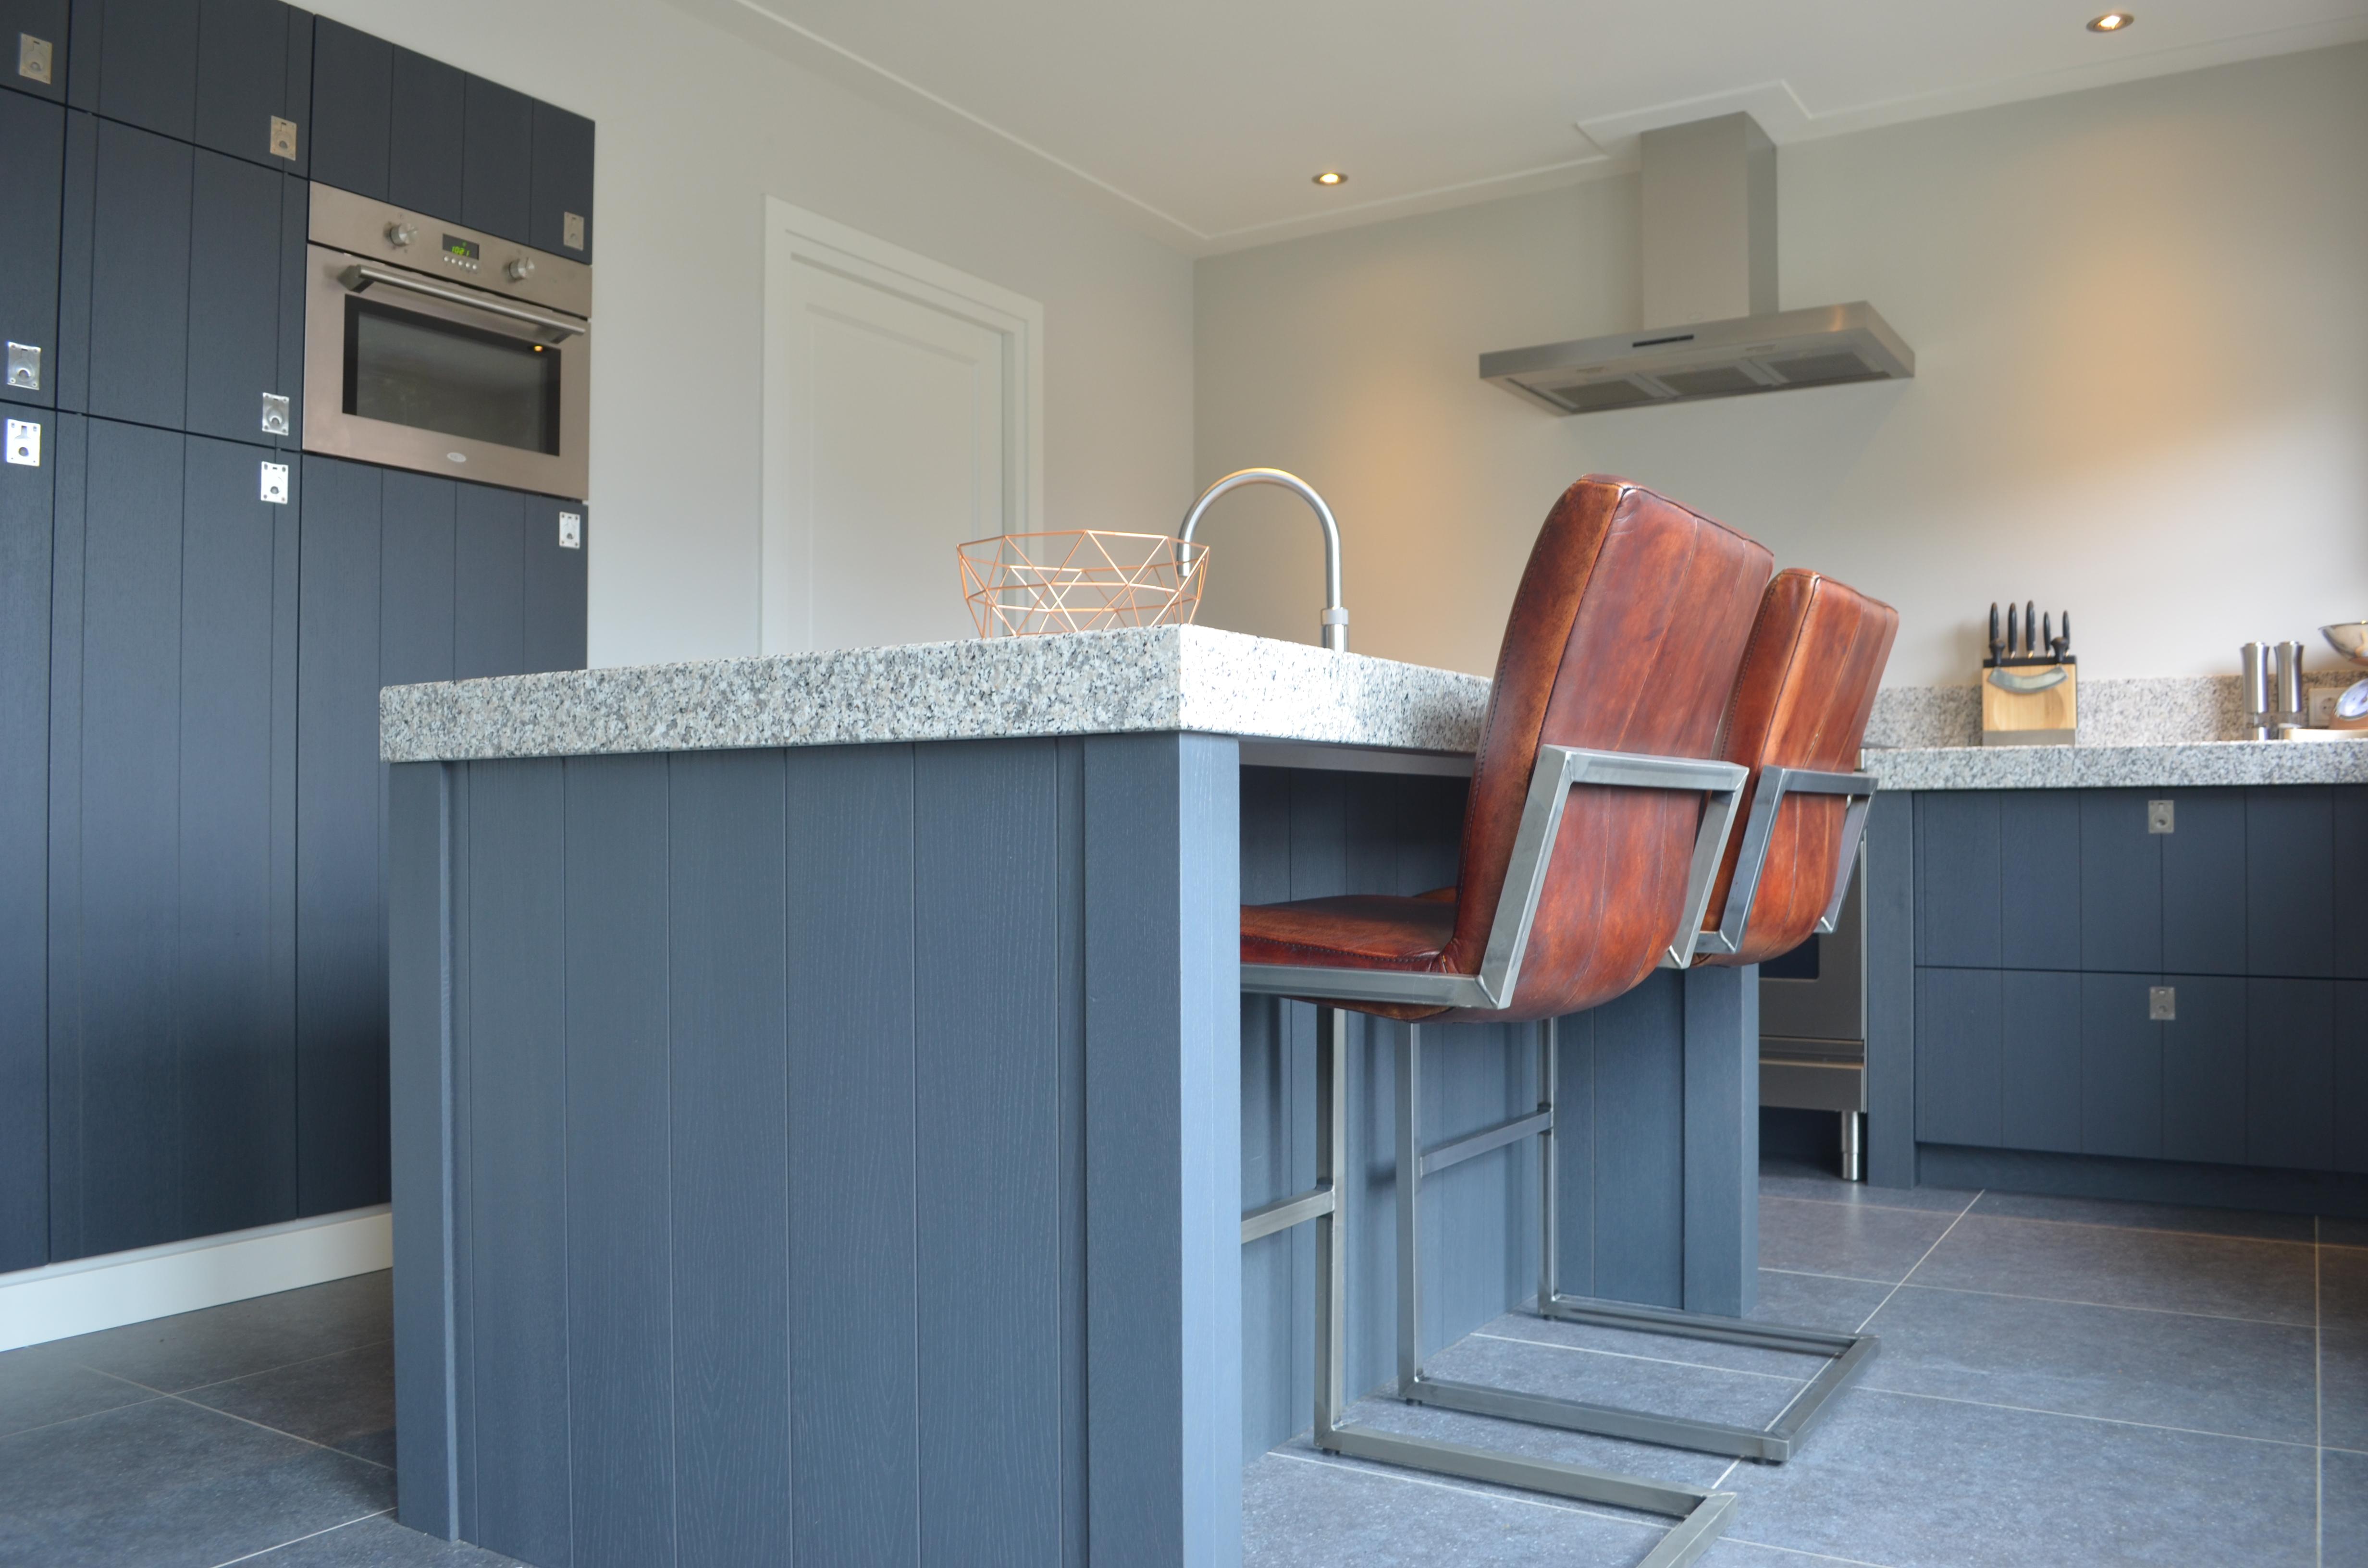 Keuken Lichtgrijs : Keuken landelijk grijs van Kaathoven Interieurbouw